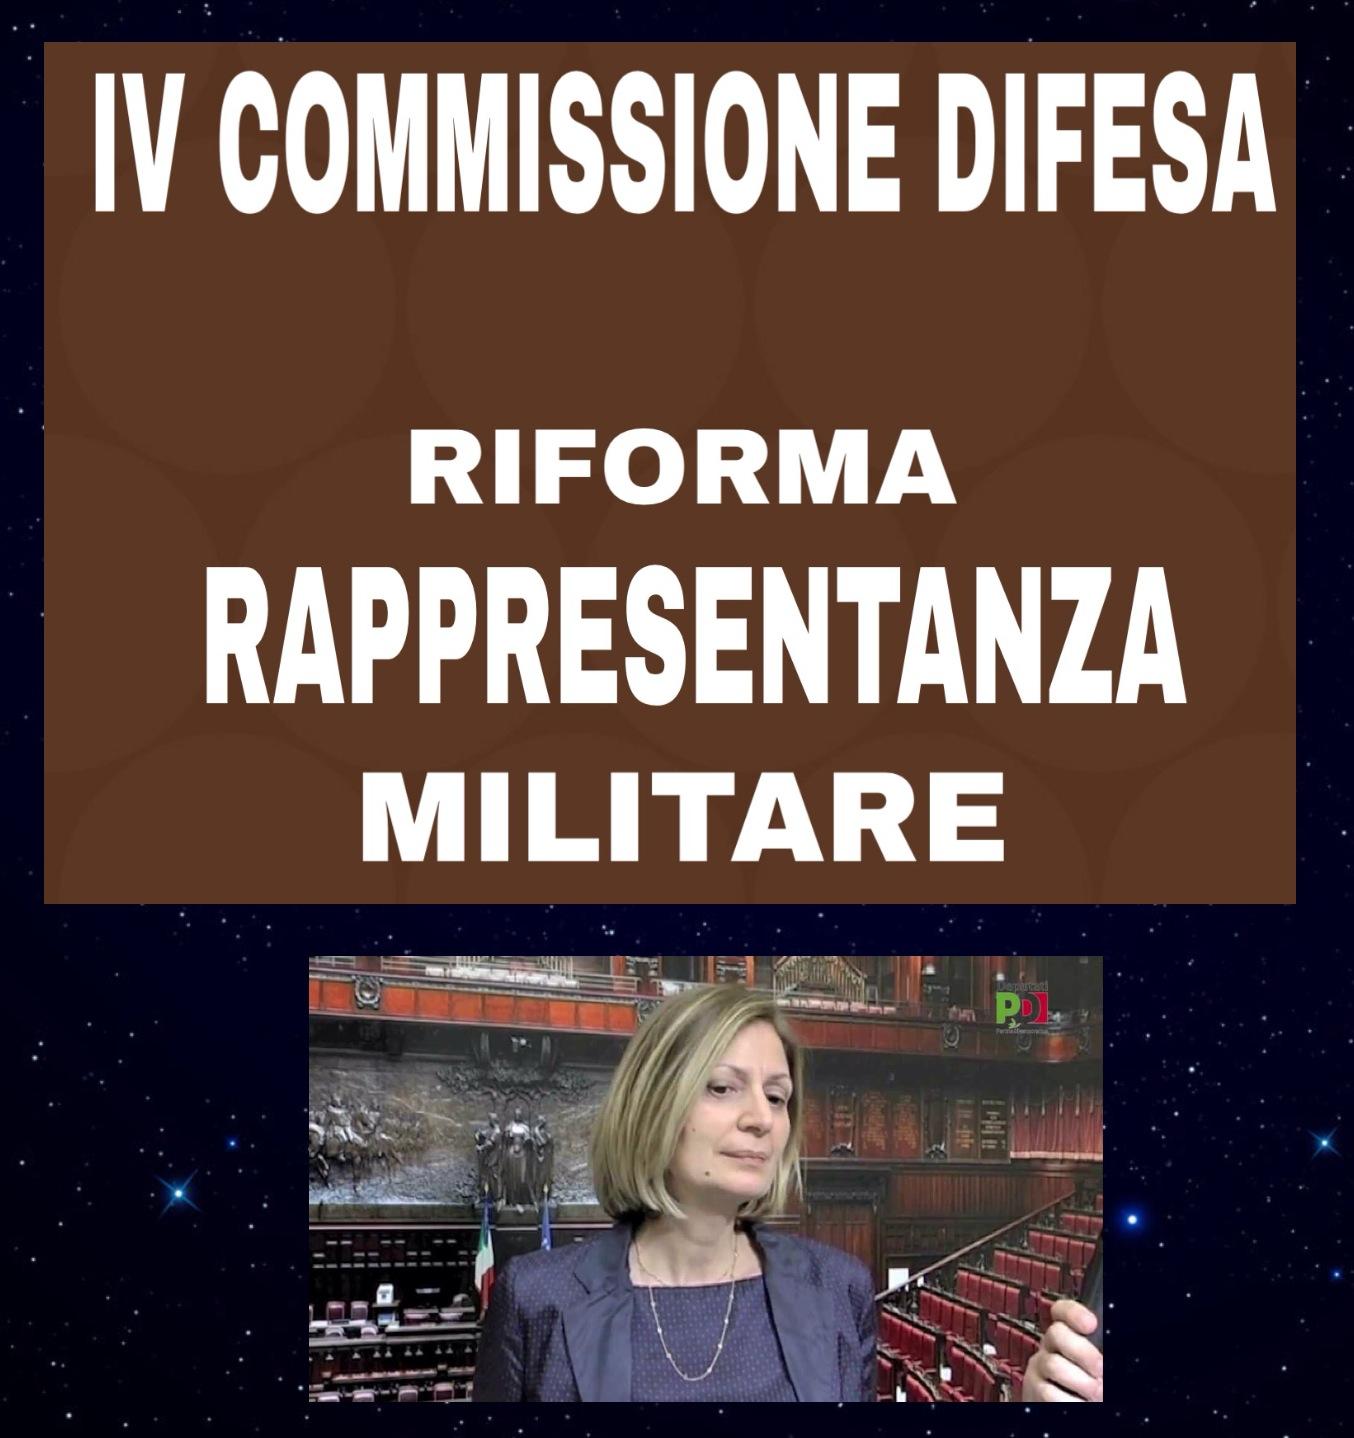 La quarta commissione difesa chiama le rappresentanze for Commissione difesa camera